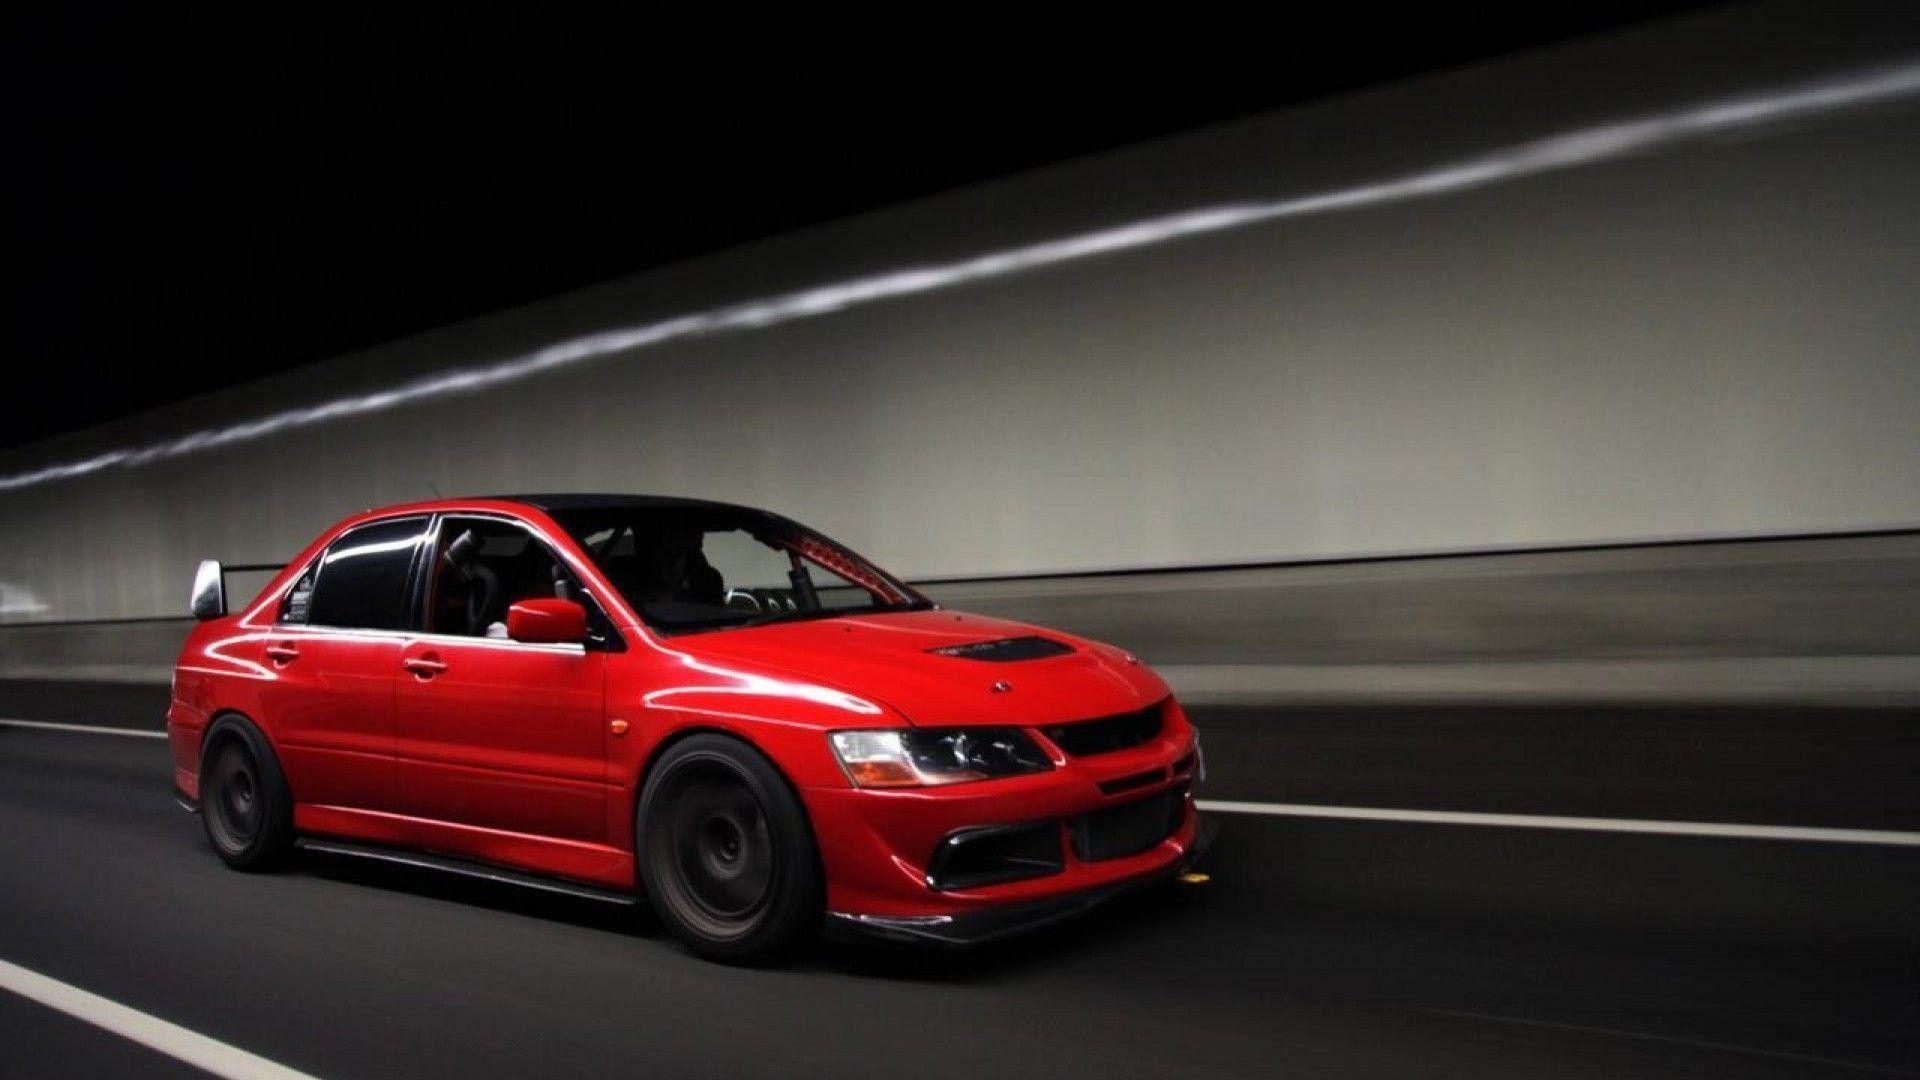 Mitsubishi Evo Wallpapers Top Free Mitsubishi Evo